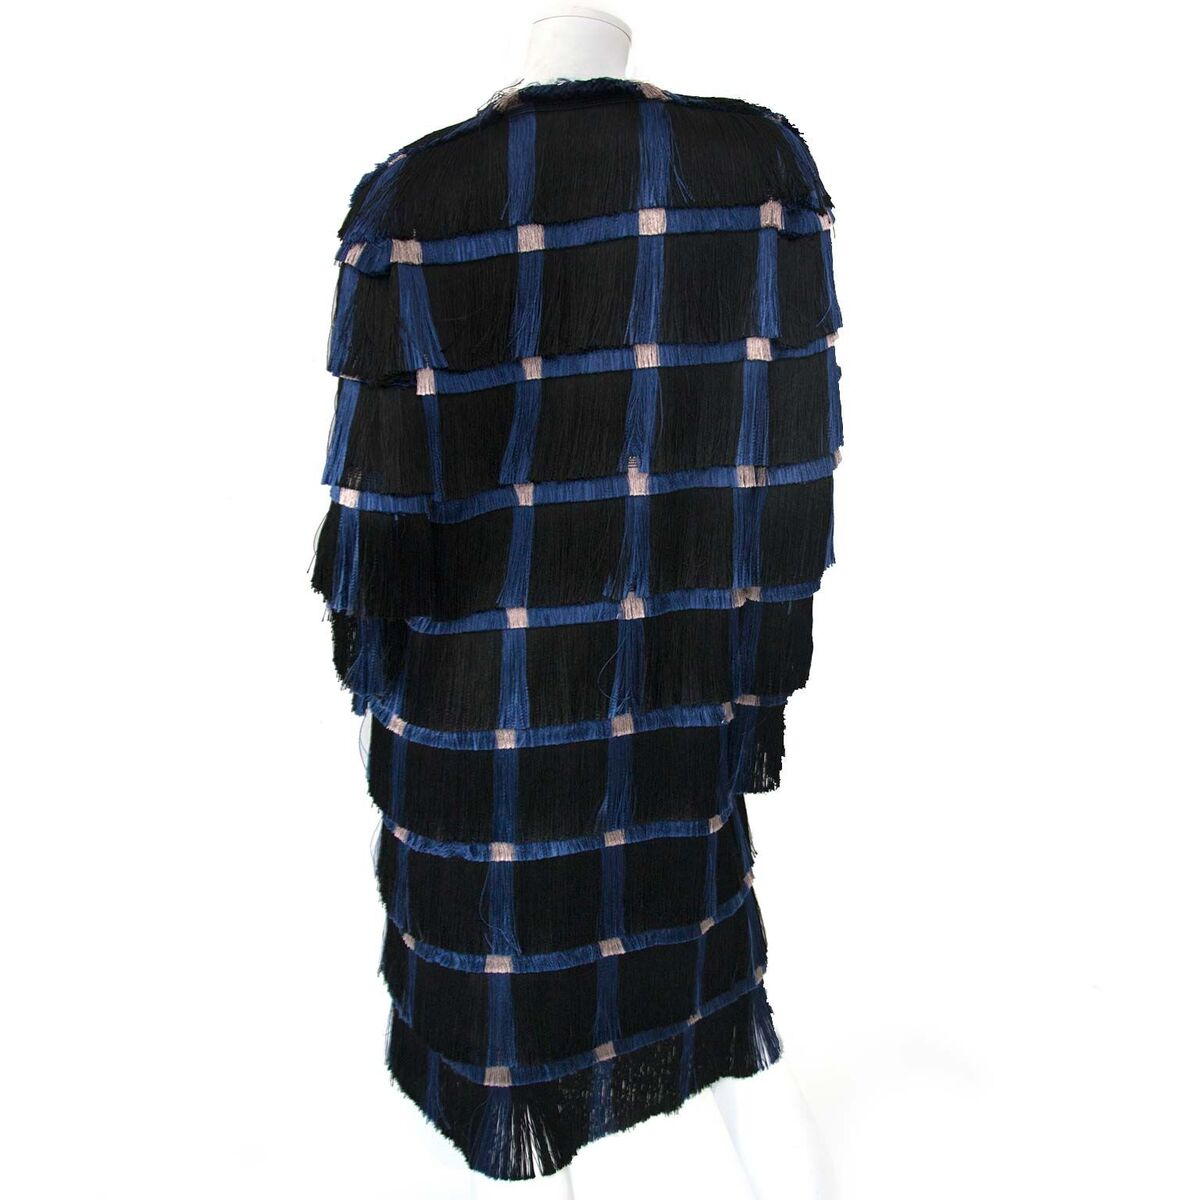 Koop authentieke tweedehands Marco de Vincenzo jassen aan een eerlijke prijs bij LabelLOV. Veilig online shoppen.